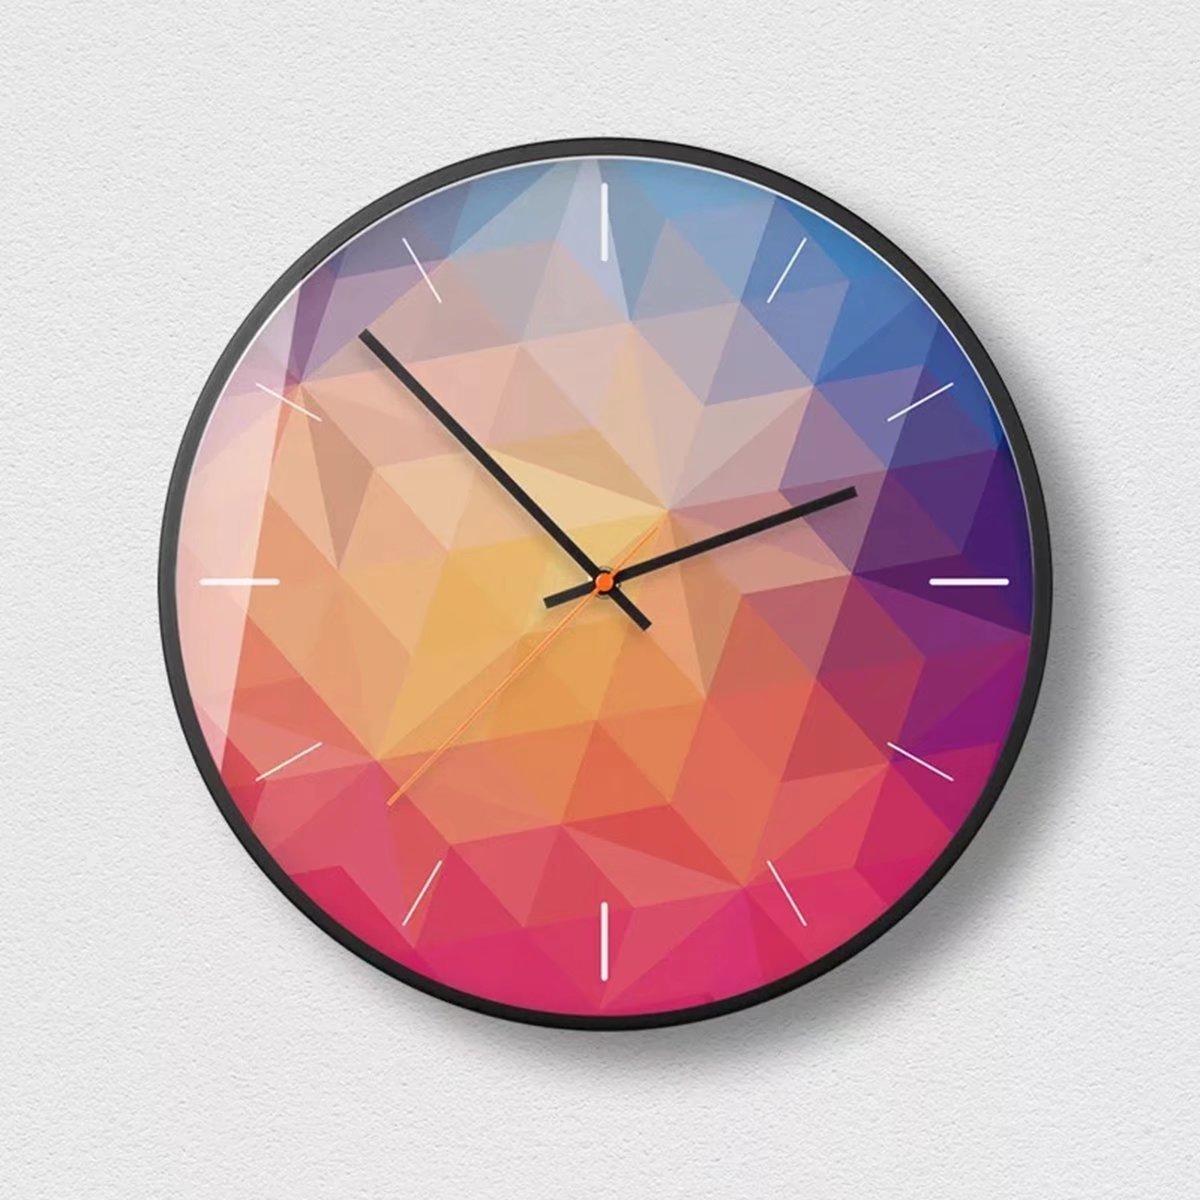 創意 時計 個性 壁掛け時計 壁掛け ヨーロッパ 時計 おしゃれ リビングアメリカン カントリー EBODONG B07CW6Z1TB タイプ3 タイプ3